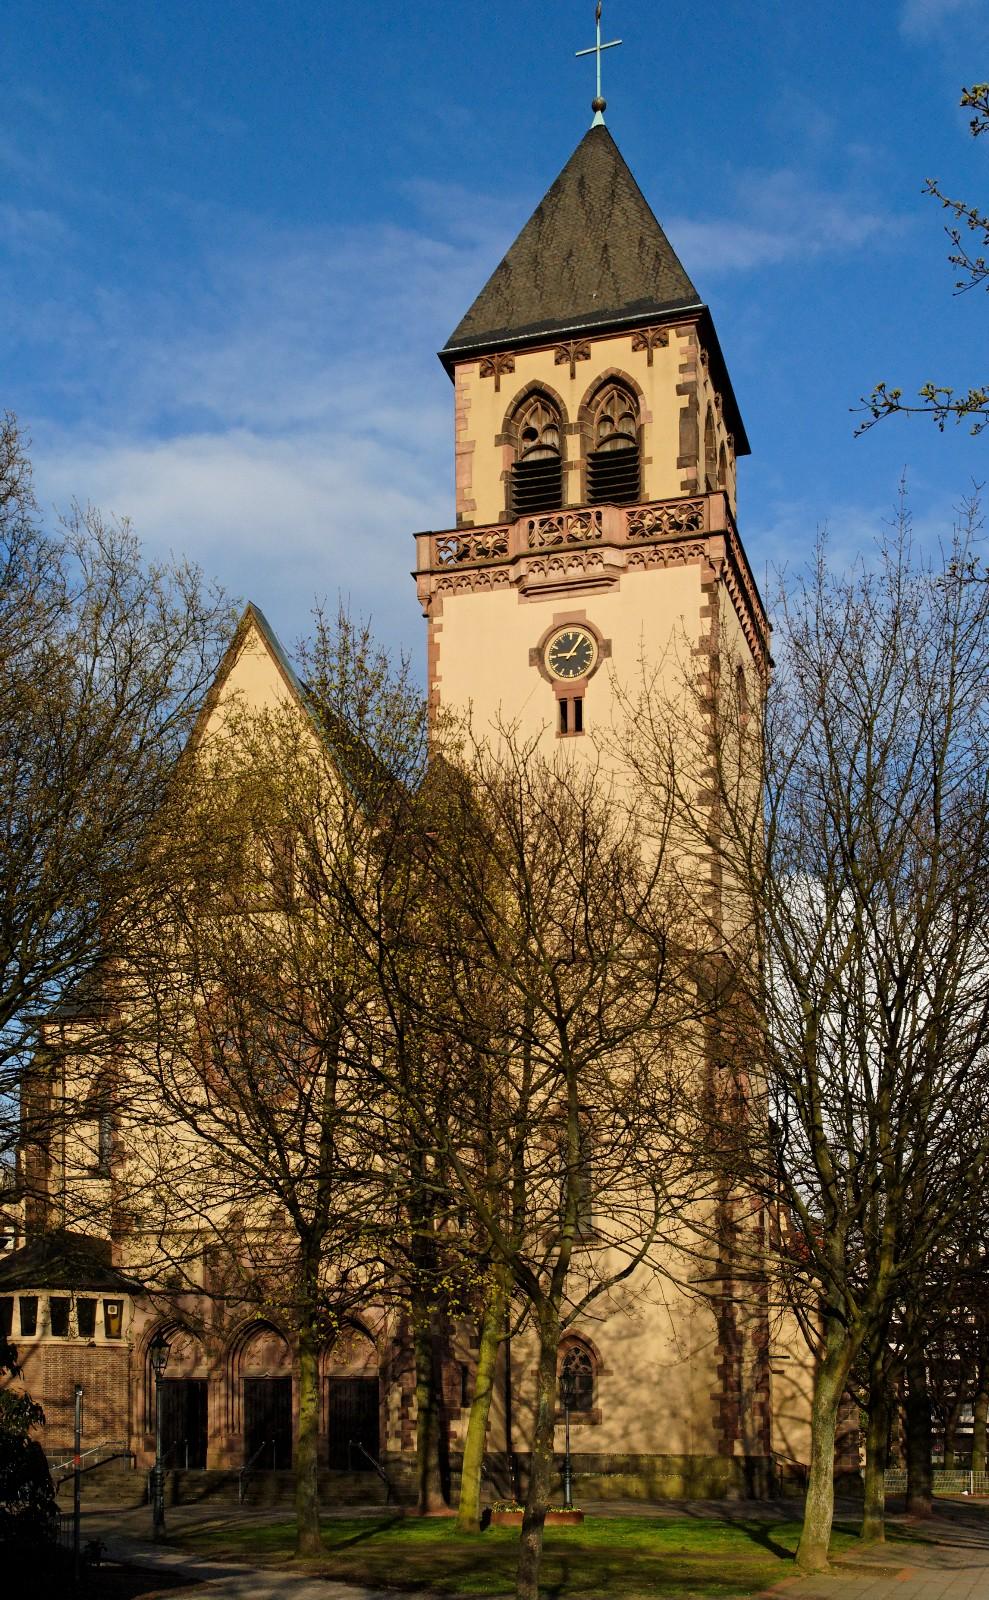 церковь святого аполлинария дюссельдорф википедия